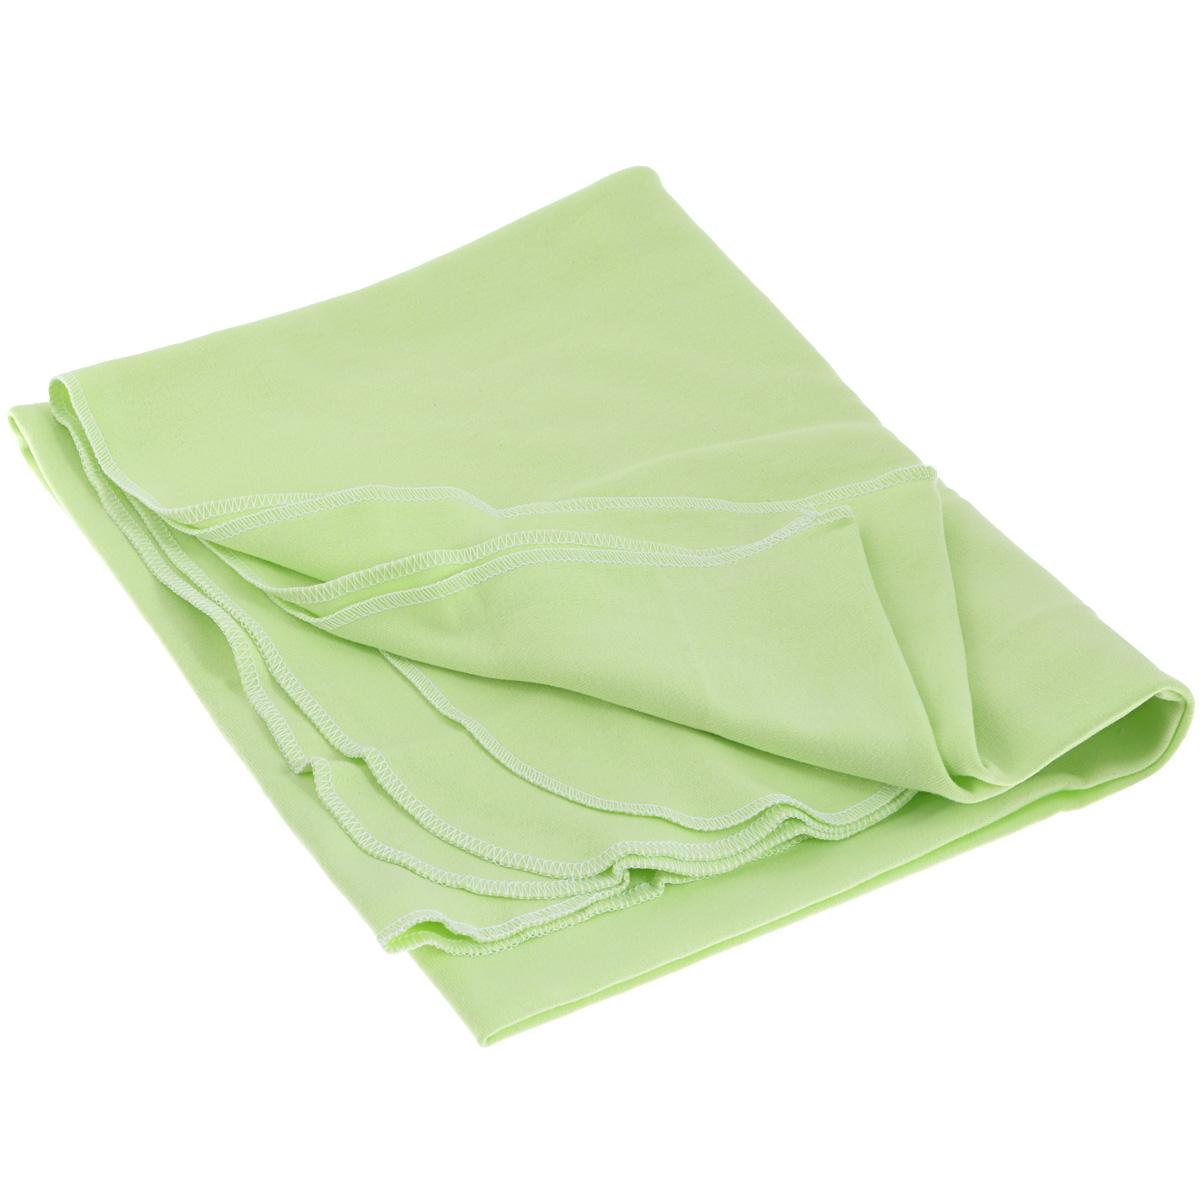 Пеленка, цвет: салатовый5421Детская трикотажная пеленка Трон-Плюс Машинки подходит для пеленания ребенка с самого рождения. Она невероятно мягкая и нежная на ощупь. Пеленка выполнена из интерлока набивного - мягкое эластичное трикотажное полотно из хлопка гладкого покроя. Края обработаны швом оверлока. Такая ткань прекрасно дышит, она гипоаллергенна, почти не мнется и не теряет формы после стирки. Мягкая ткань укутывает малыша с необычайной нежностью. Пеленку также можно использовать как легкое одеяло в жаркую погоду, простынку, полотенце после купания, накидку для кормления грудью или солнцезащитный козырек. Пеленка оформлена изображениями машинок. Ее размер подходит для пеленания даже крупного малыша. Рекомендована ручная стирка при температуре не более 40°C. Не отбеливать. Температура глажения не более 150°C. Сушить в подвешенном виде. Не подвергать химической чистке.